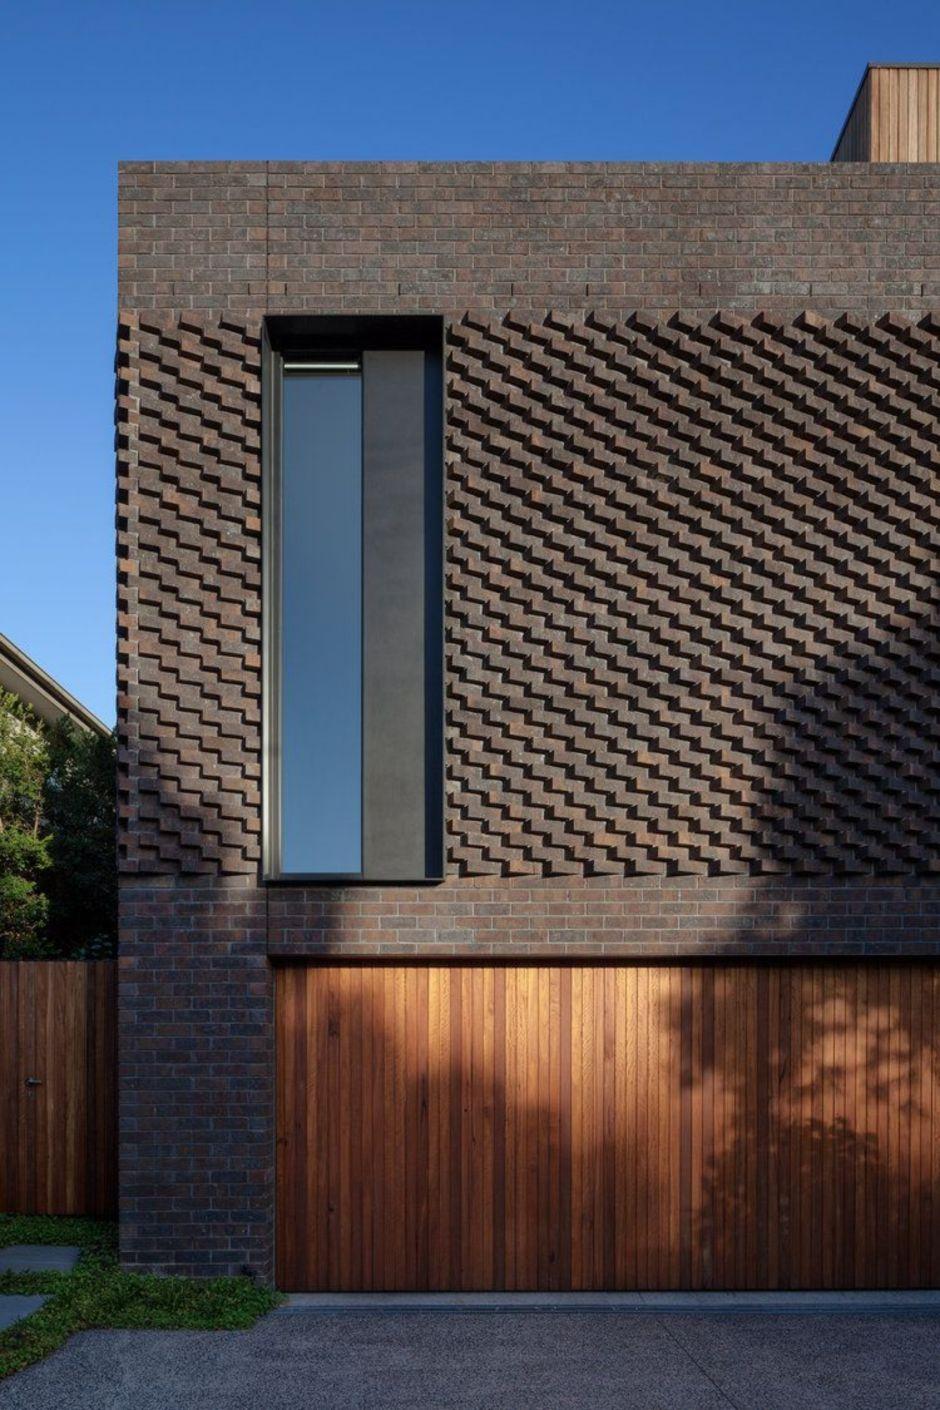 Contemporary Brick And Concrete House